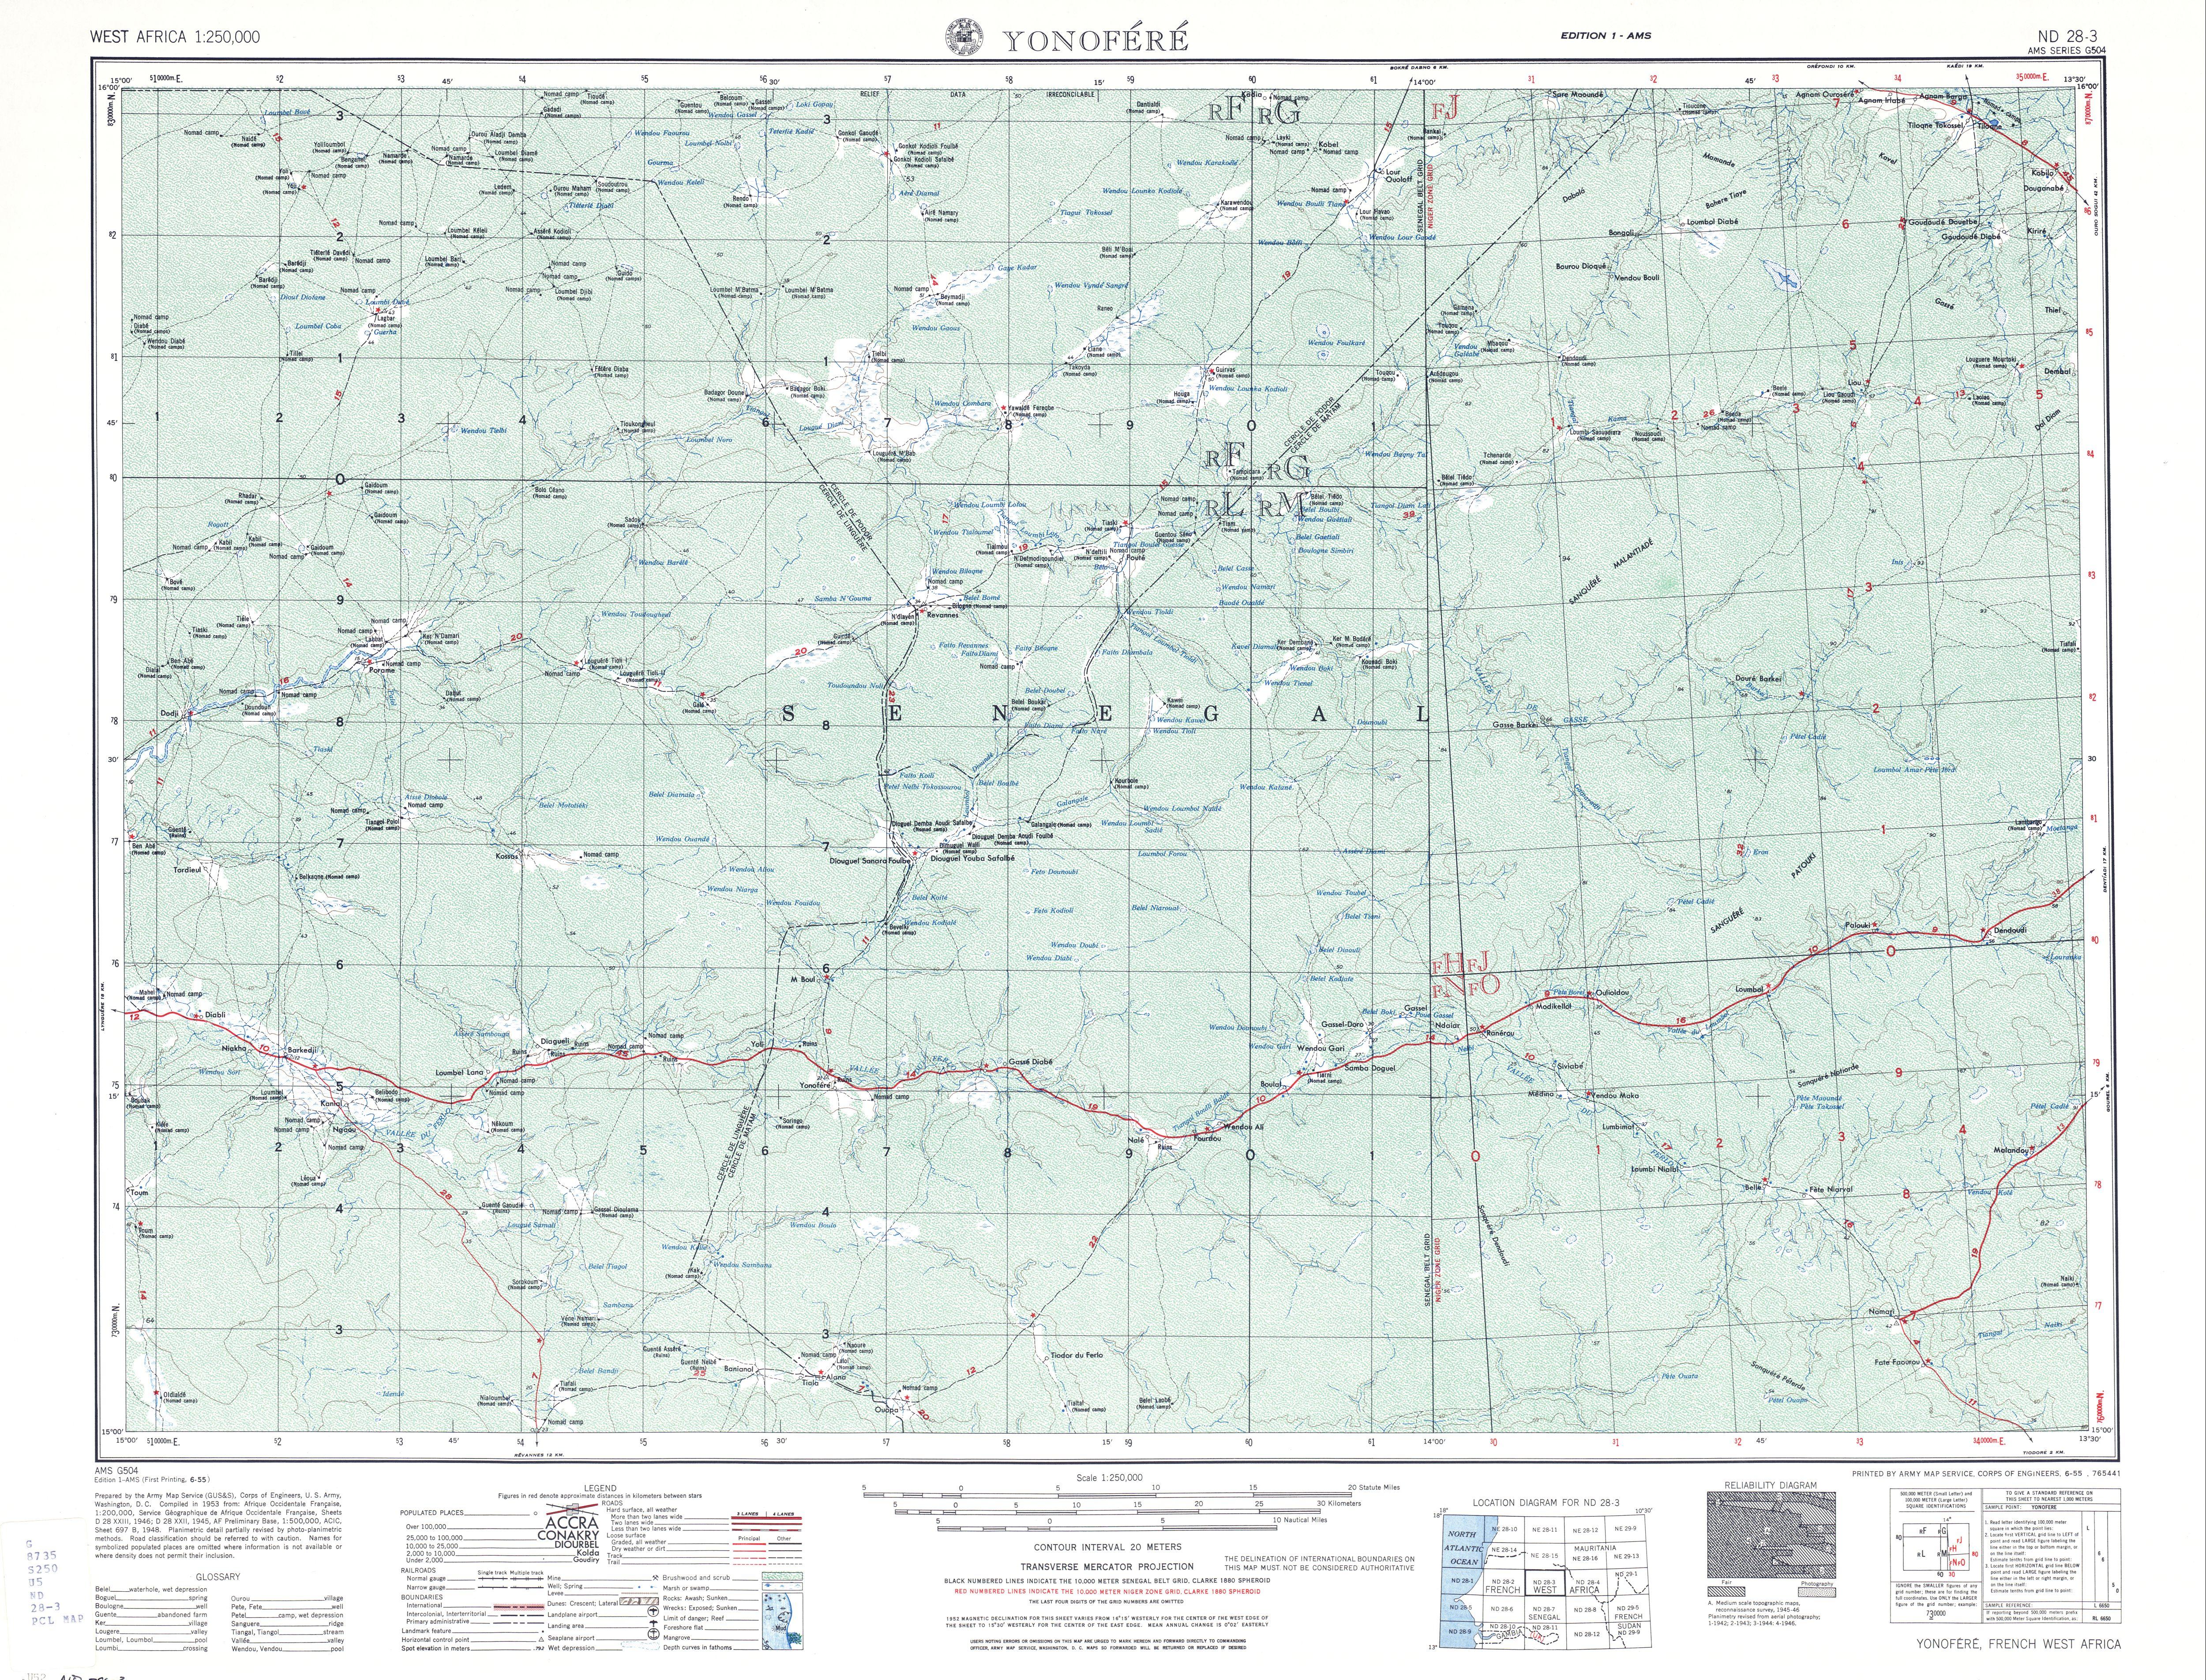 Hoja Yonofere del Mapa Topográfico de África Occidental 1955